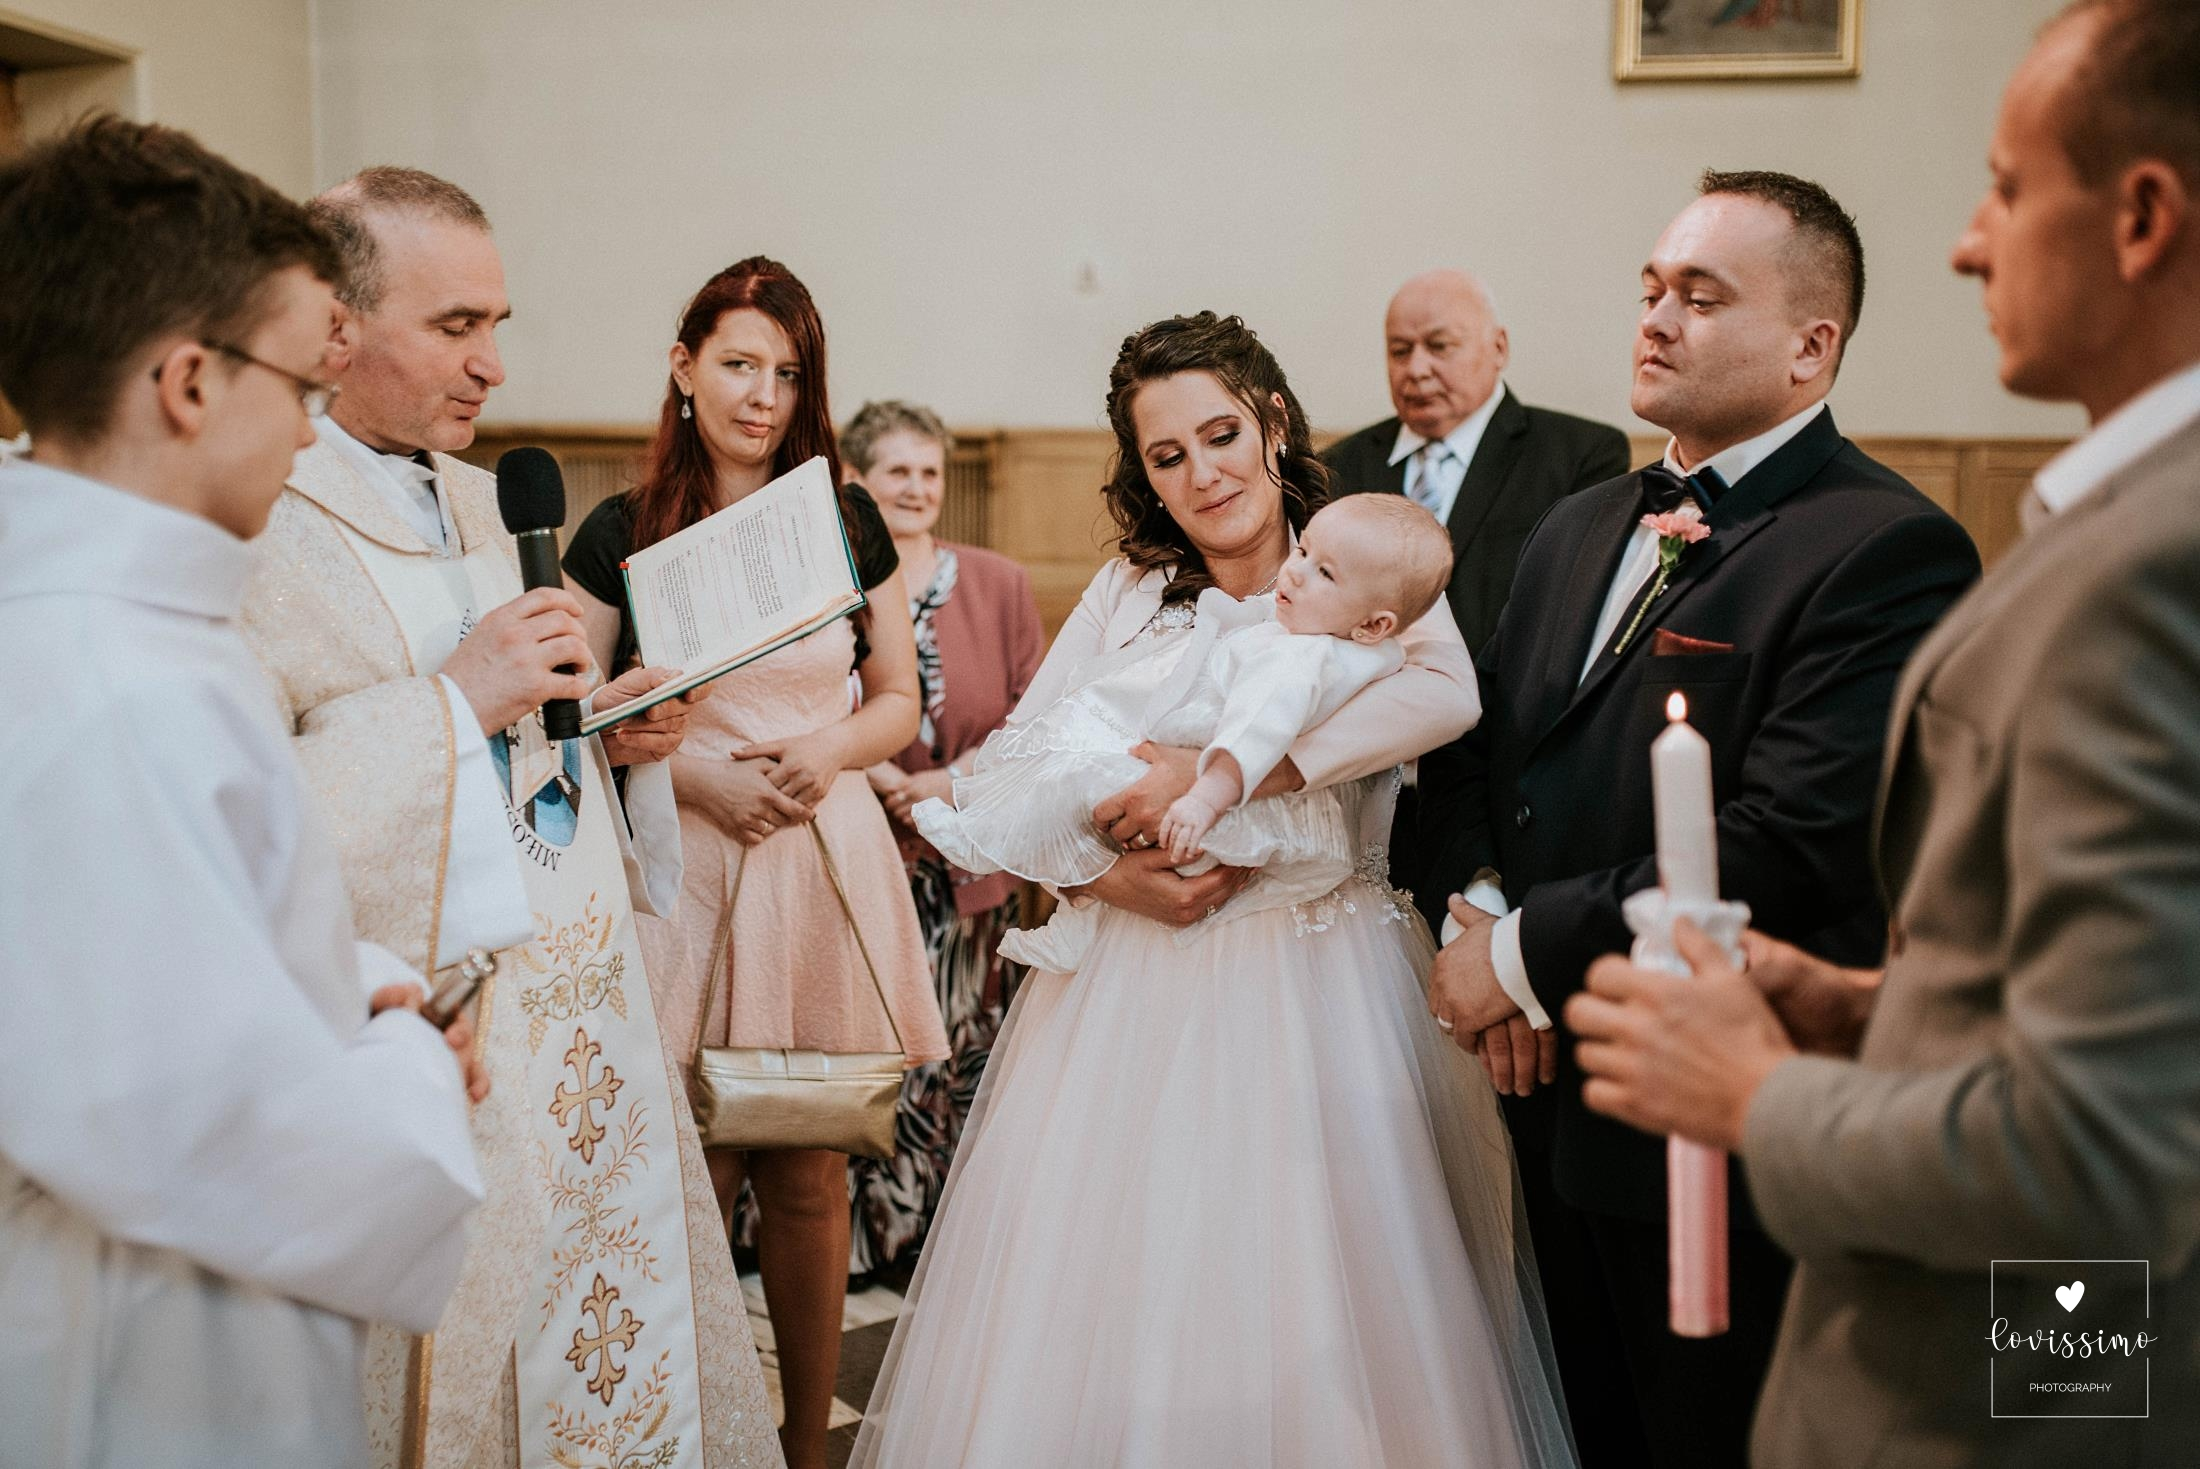 Fotograf ślubny Rzeszów - ślub z chrzcinami w Rzeszowie